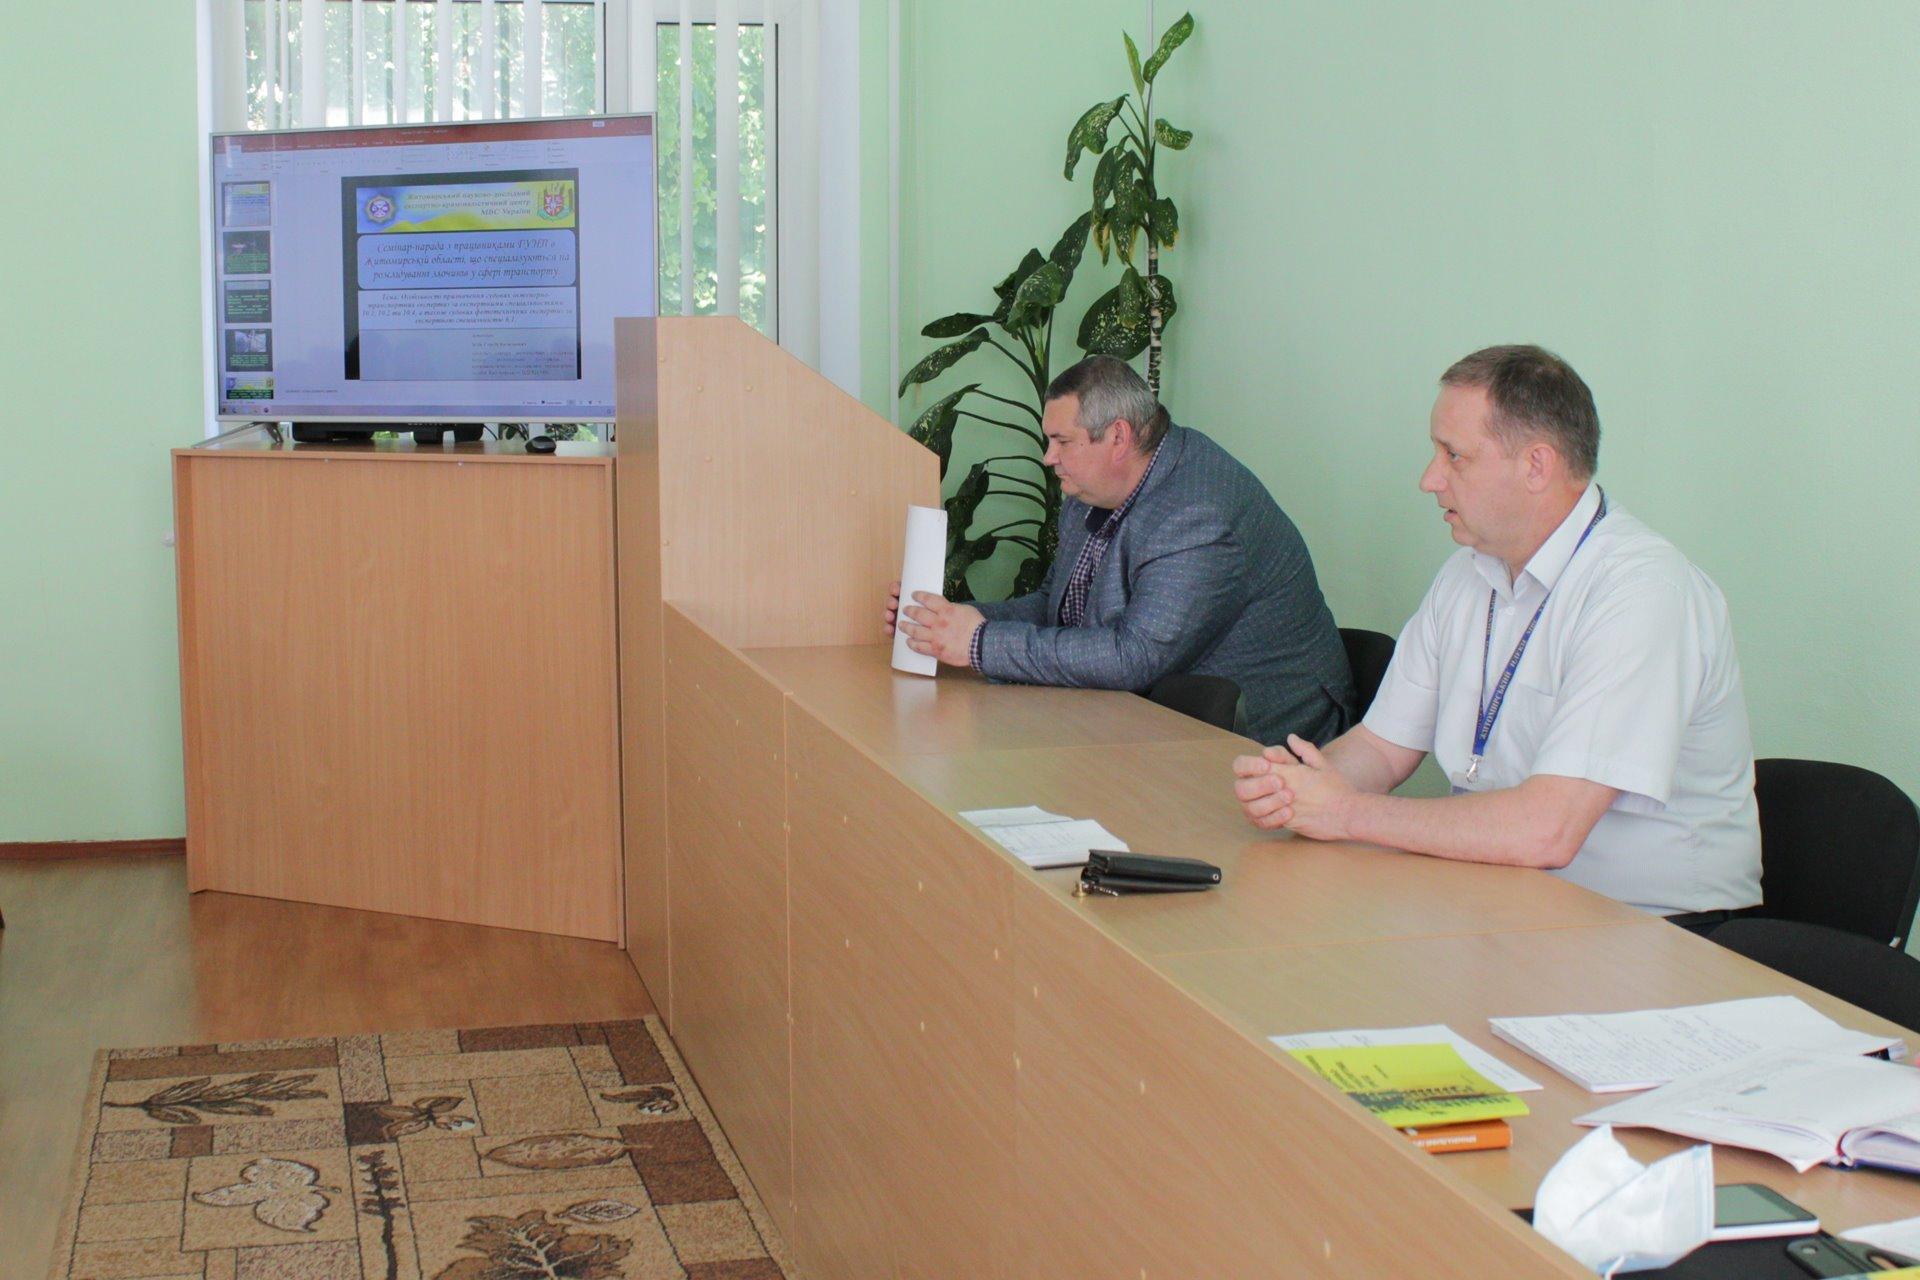 Семінар-нарада з особовим складом ГУНП в Житомирській області, що спеціалізуються на розслідуванні злочинів у сфері транспорту